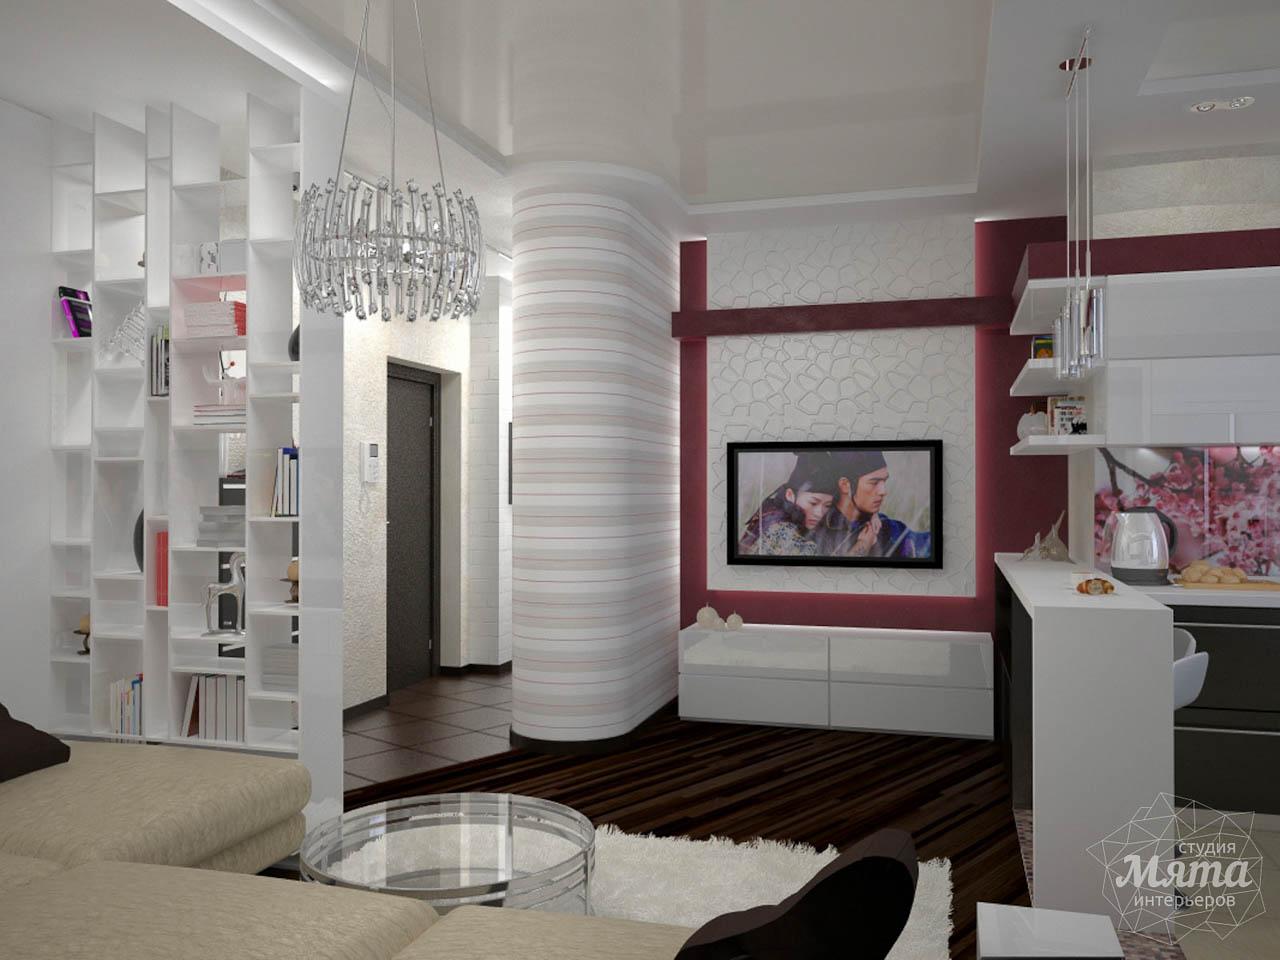 Дизайн интерьера и ремонт трехкомнатной квартиры по ул. Попова 33а img955529496